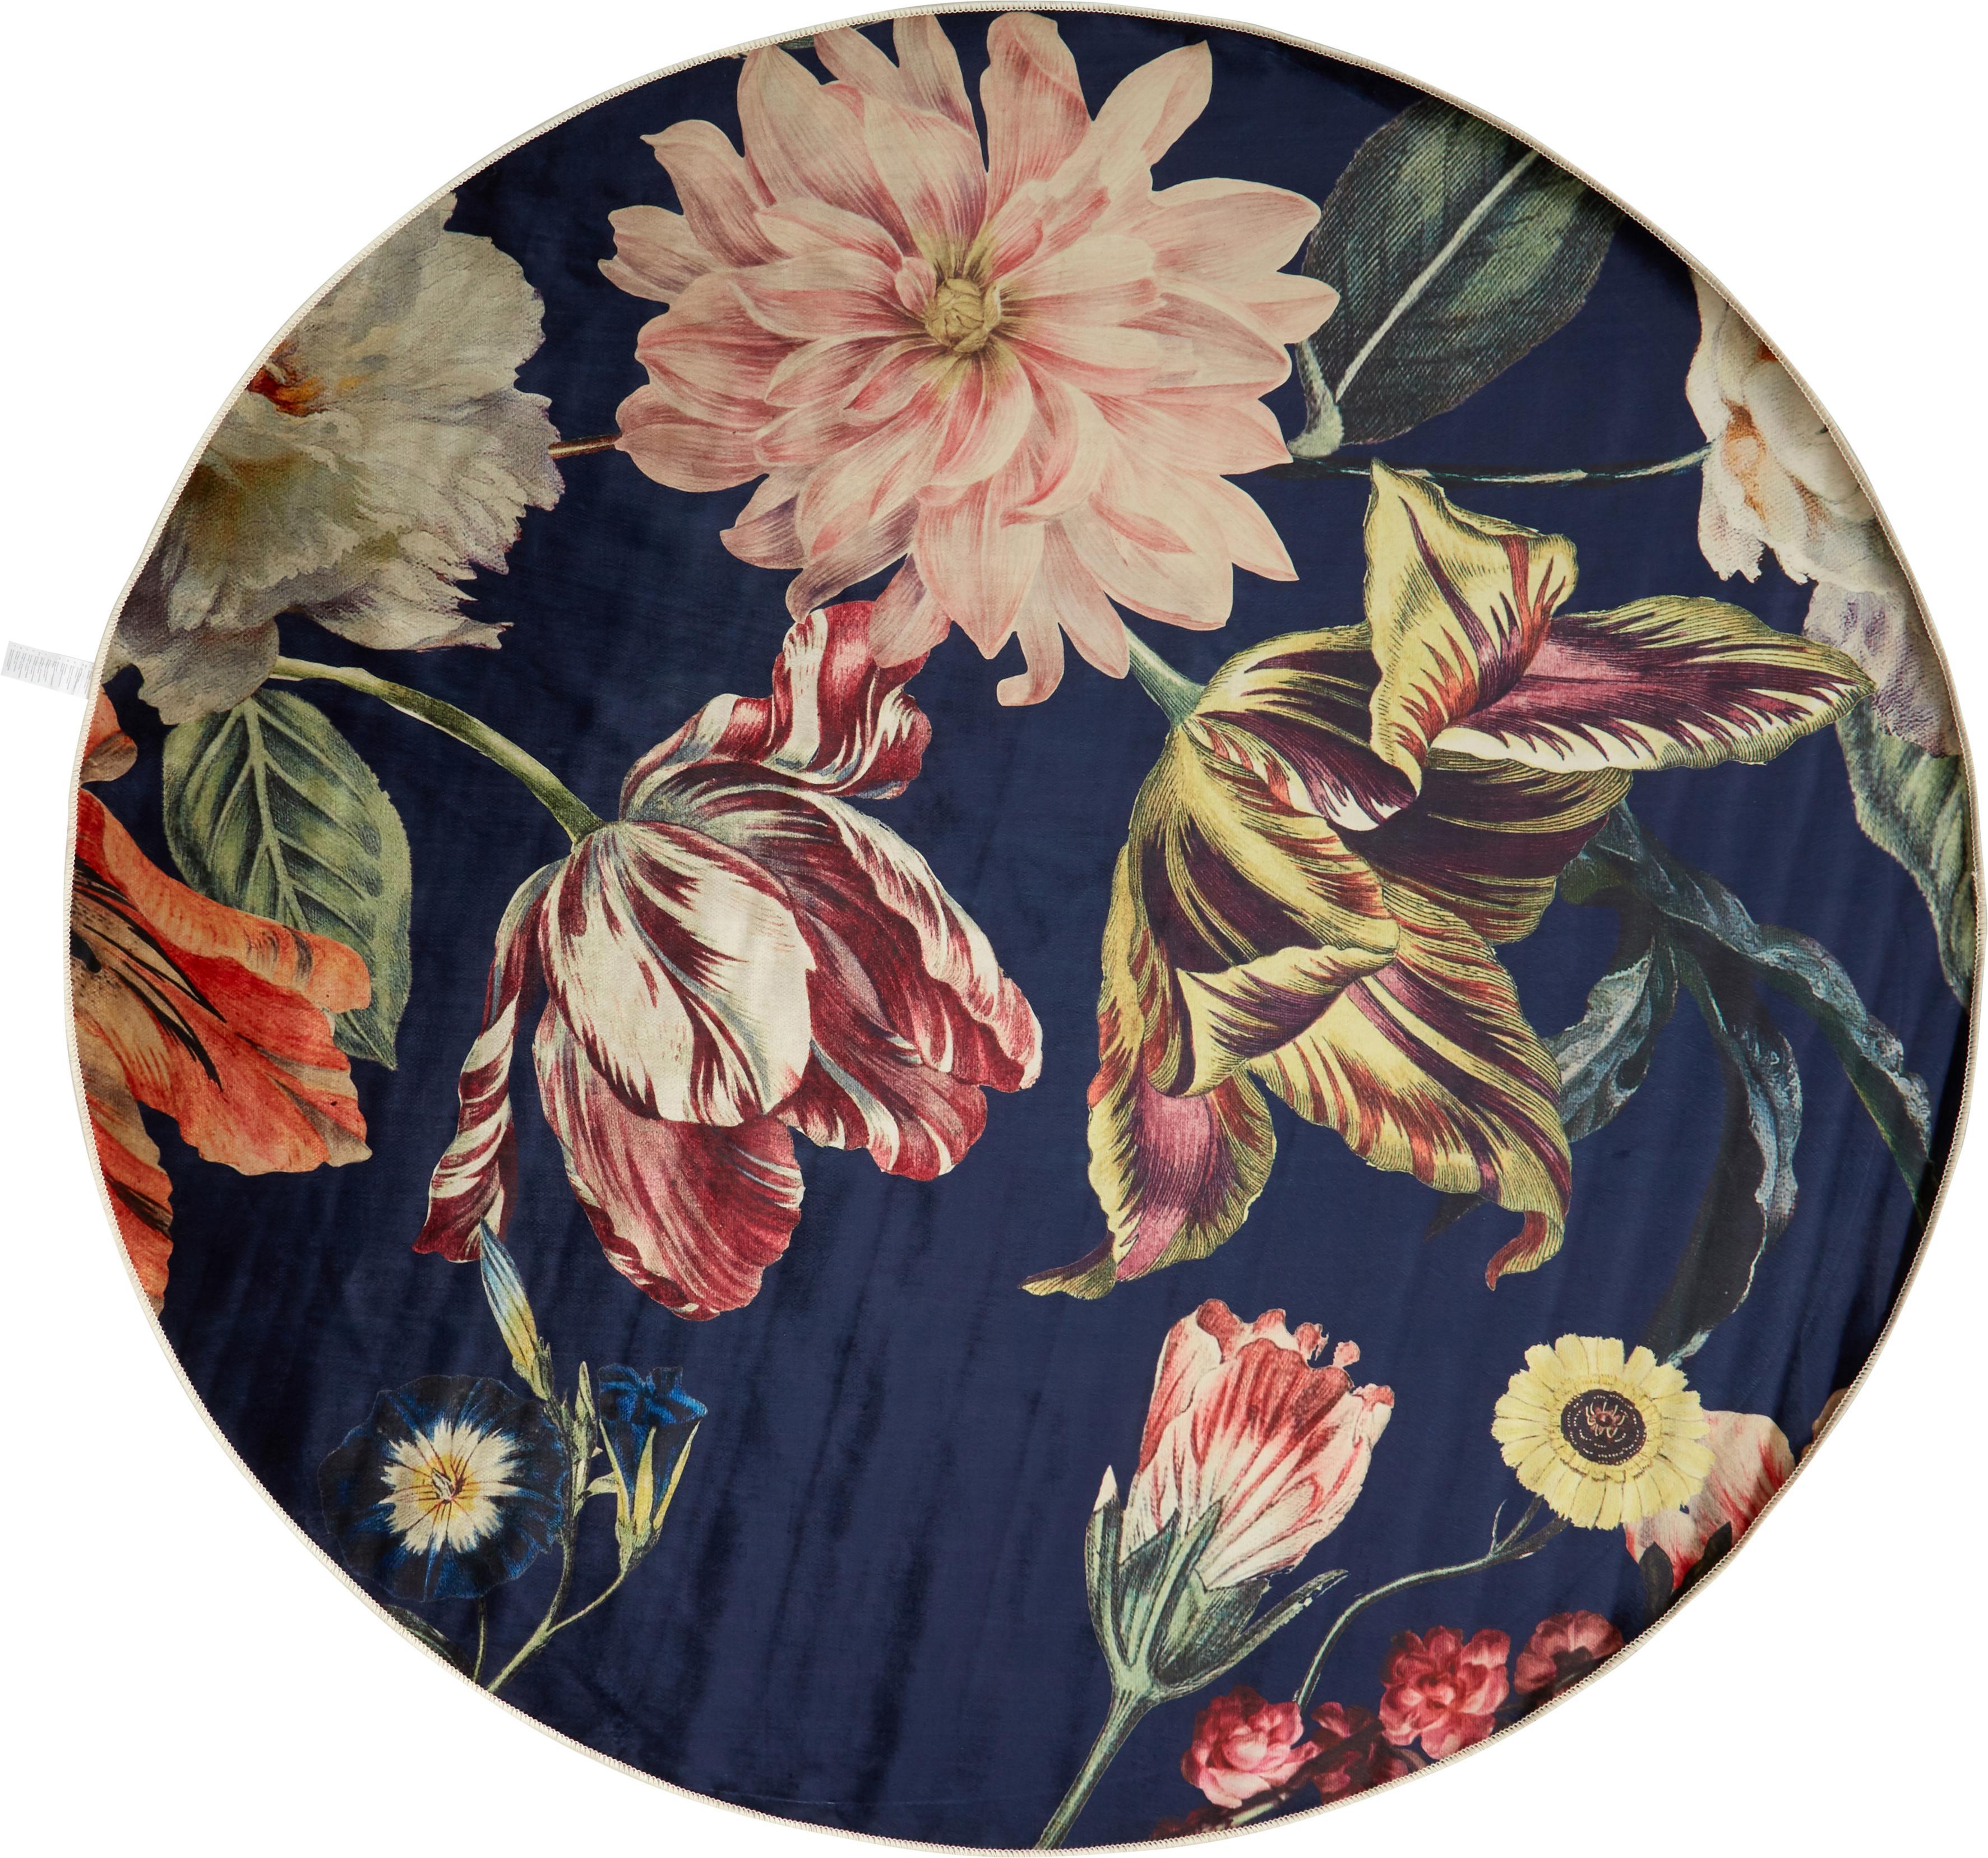 Rond vloerkleed Filou met bloemmotief, 60% polyester, 30% thermoplastisch polyurethaan, 10% katoen, Donkerblauw, multicolour, Ø 180 cm (maat L)